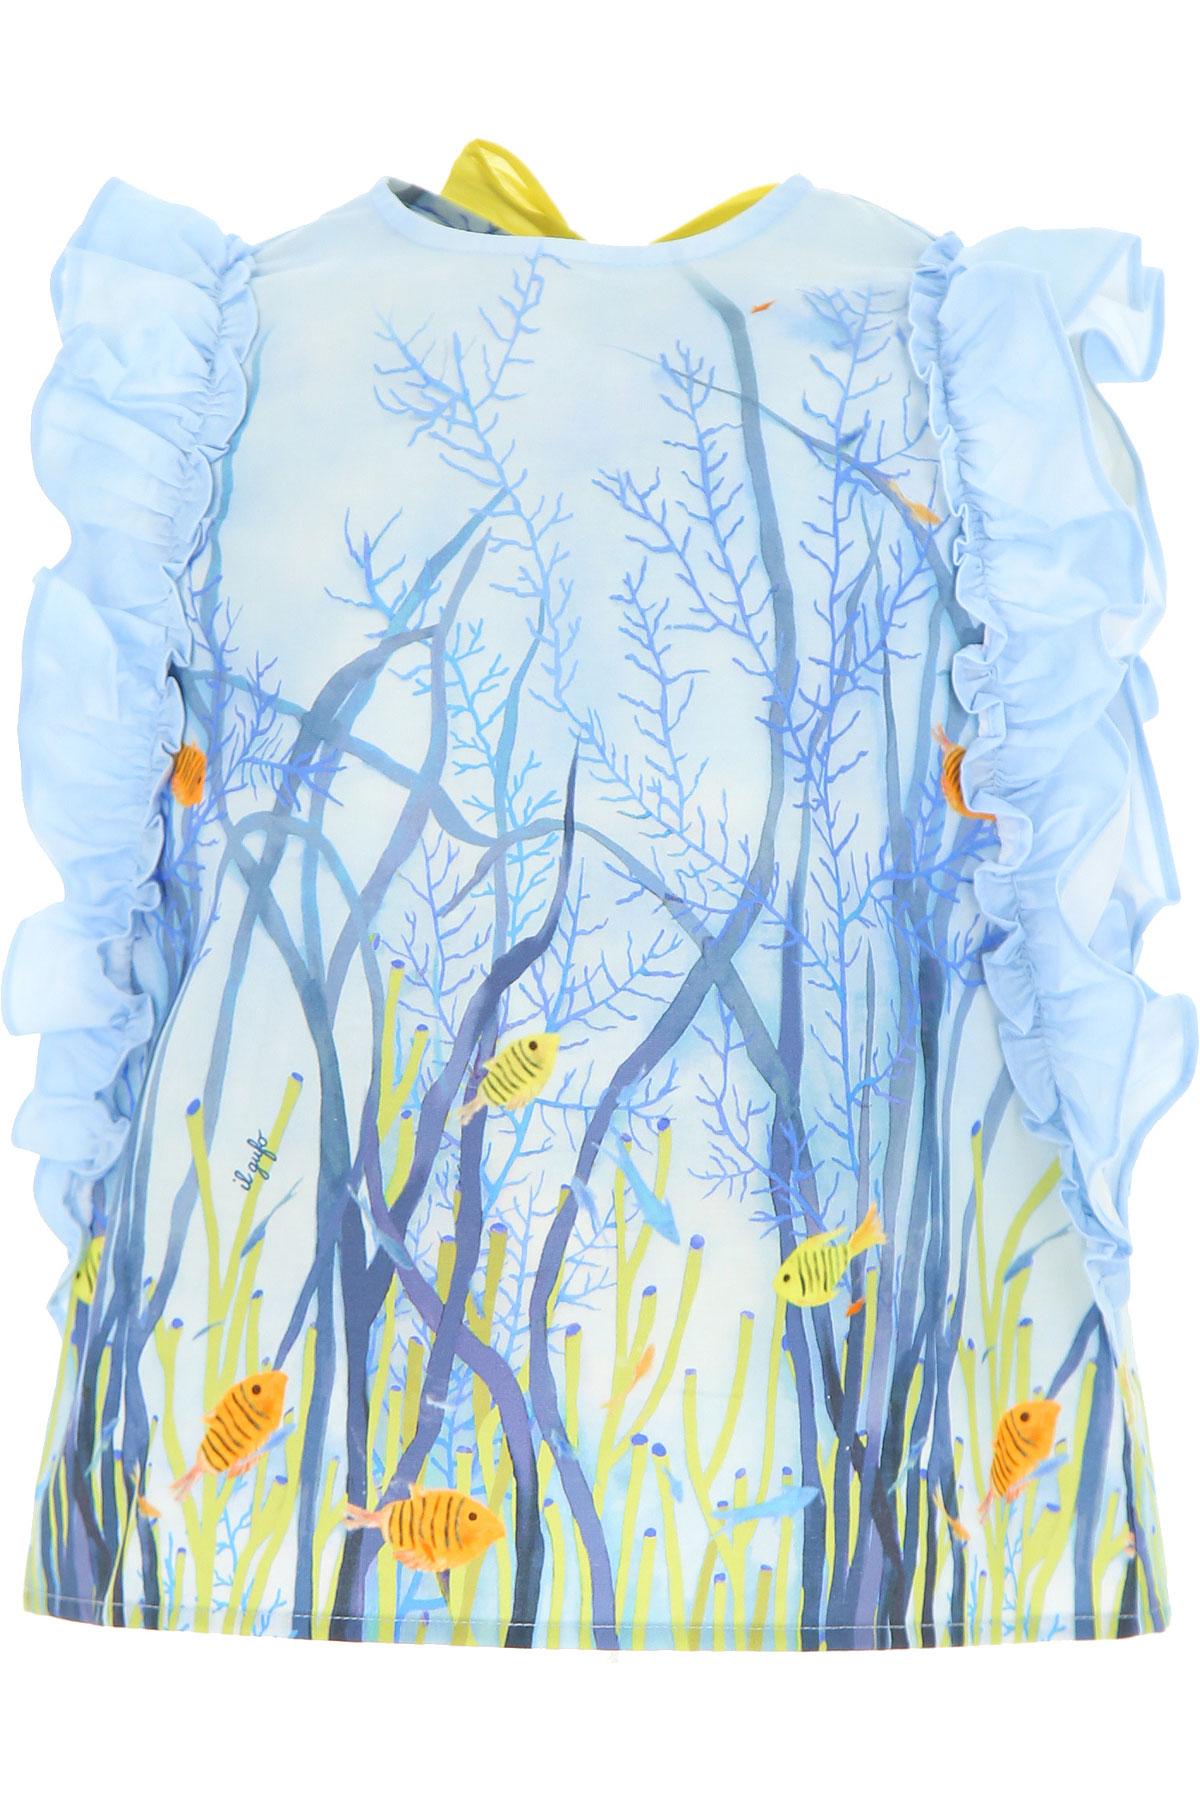 Il Gufo Chemises Enfant pour Fille, Bleu Ciel, Coton, 2017, 10Y 2Y 3Y 4Y 5Y 6Y 8Y